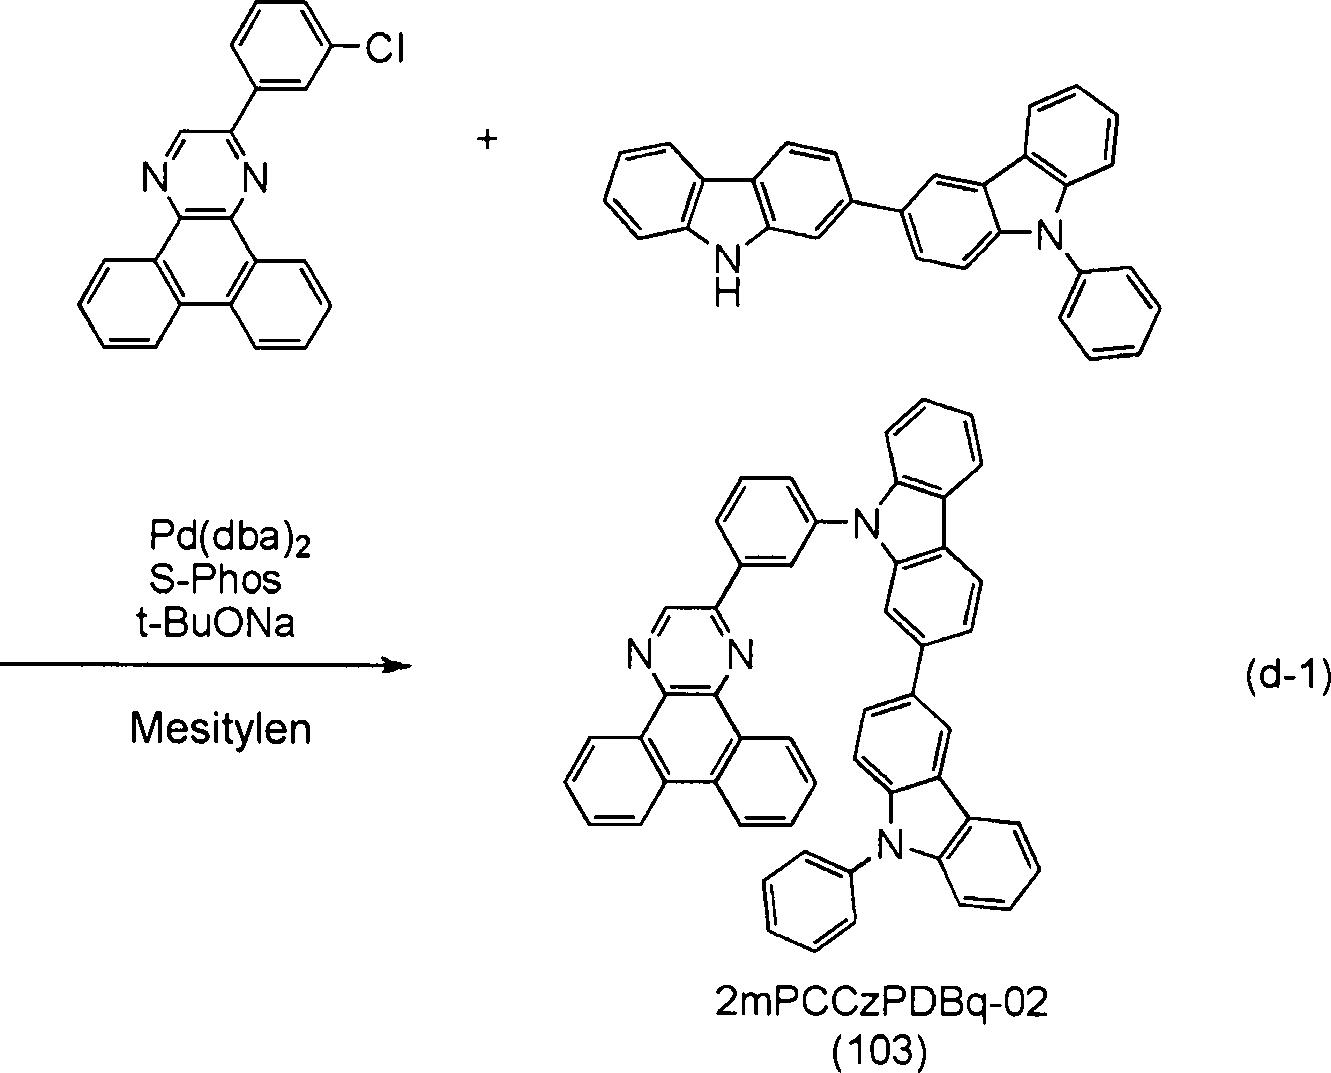 Figure DE102015213426A1_0023